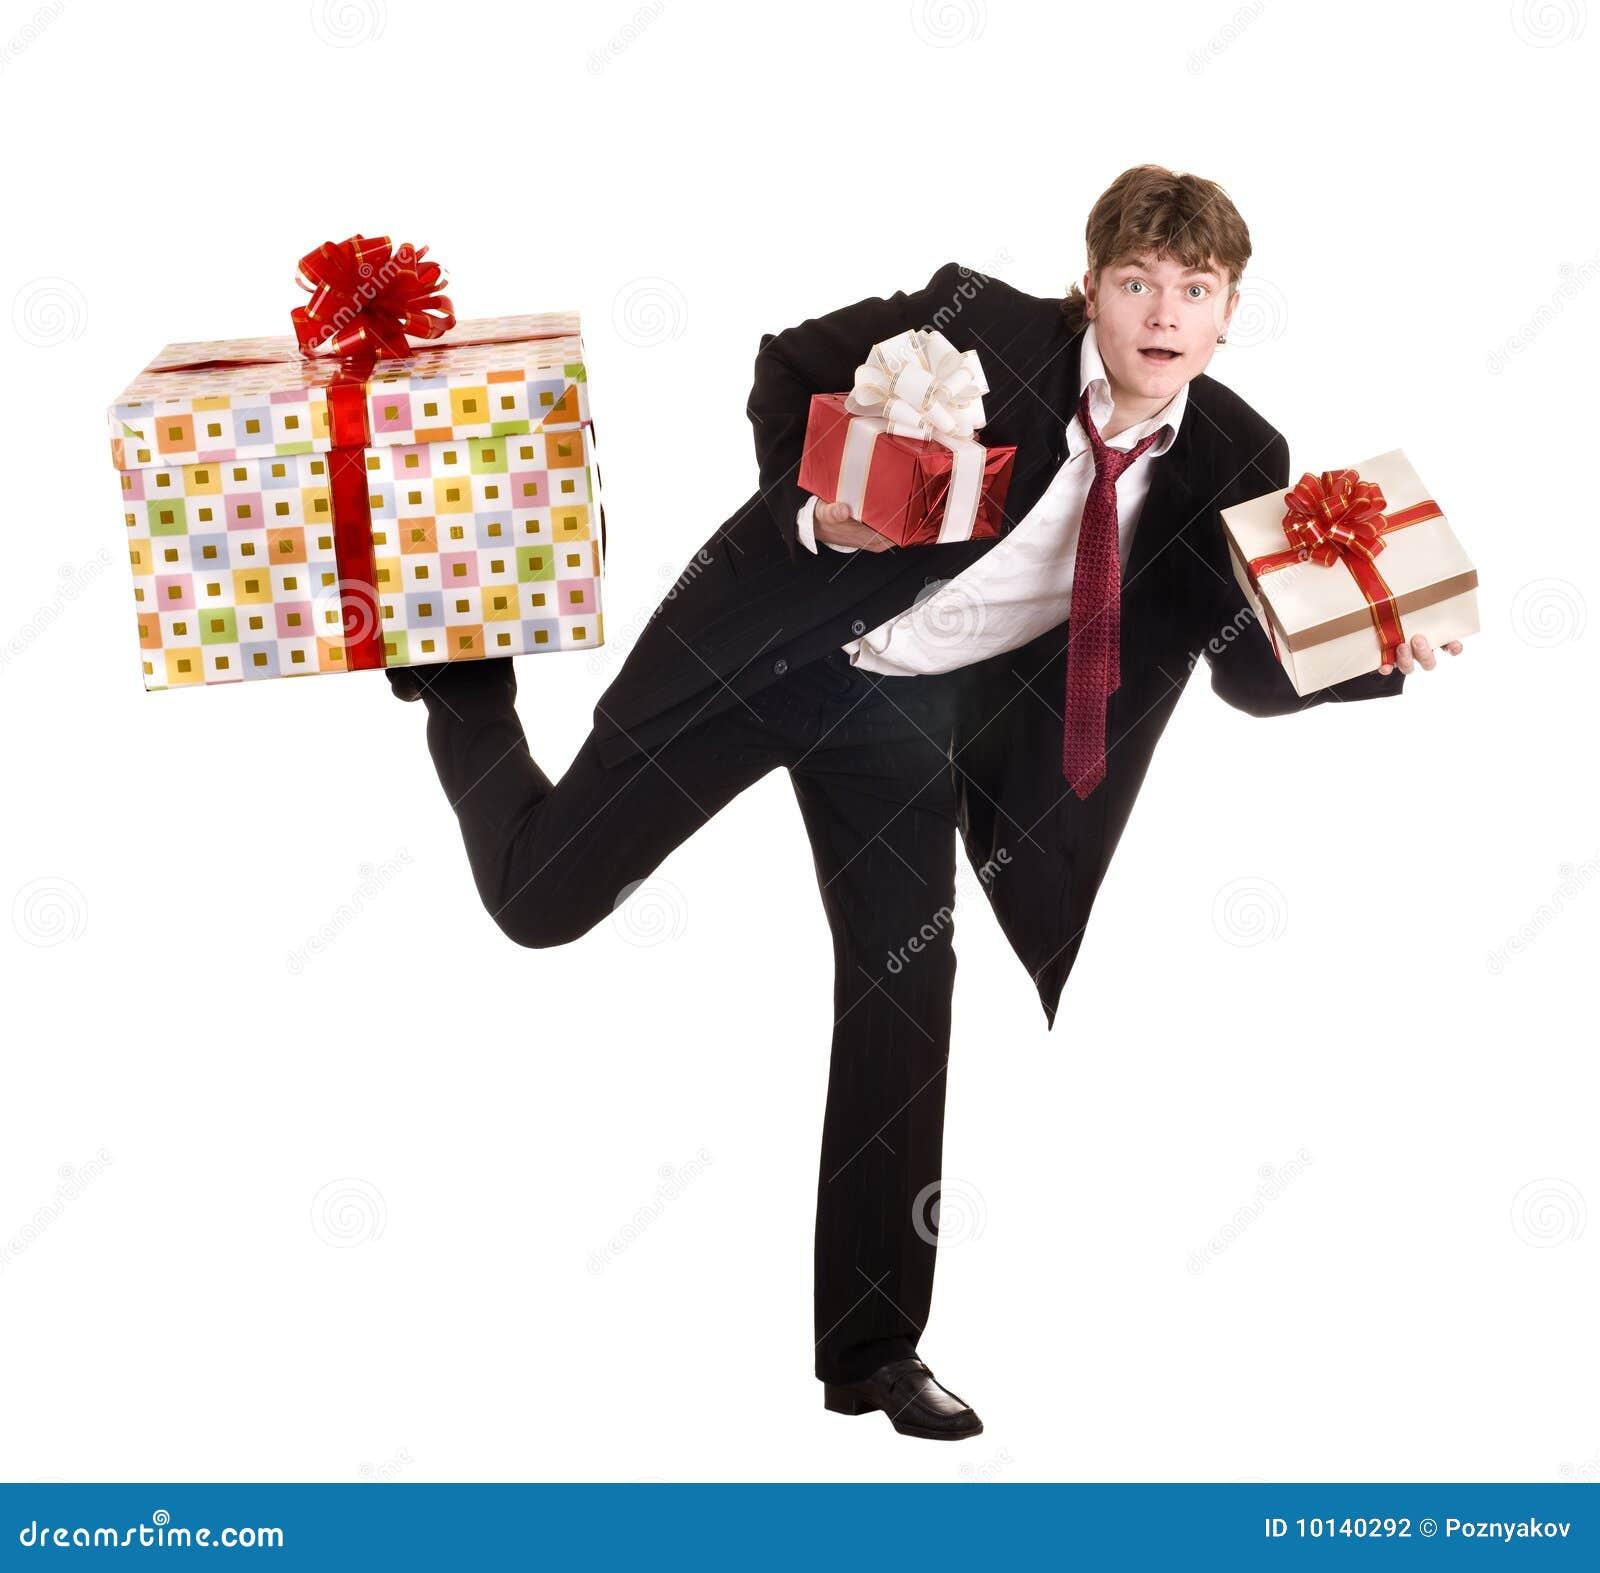 Выбираем подарок мужчине к юбилею